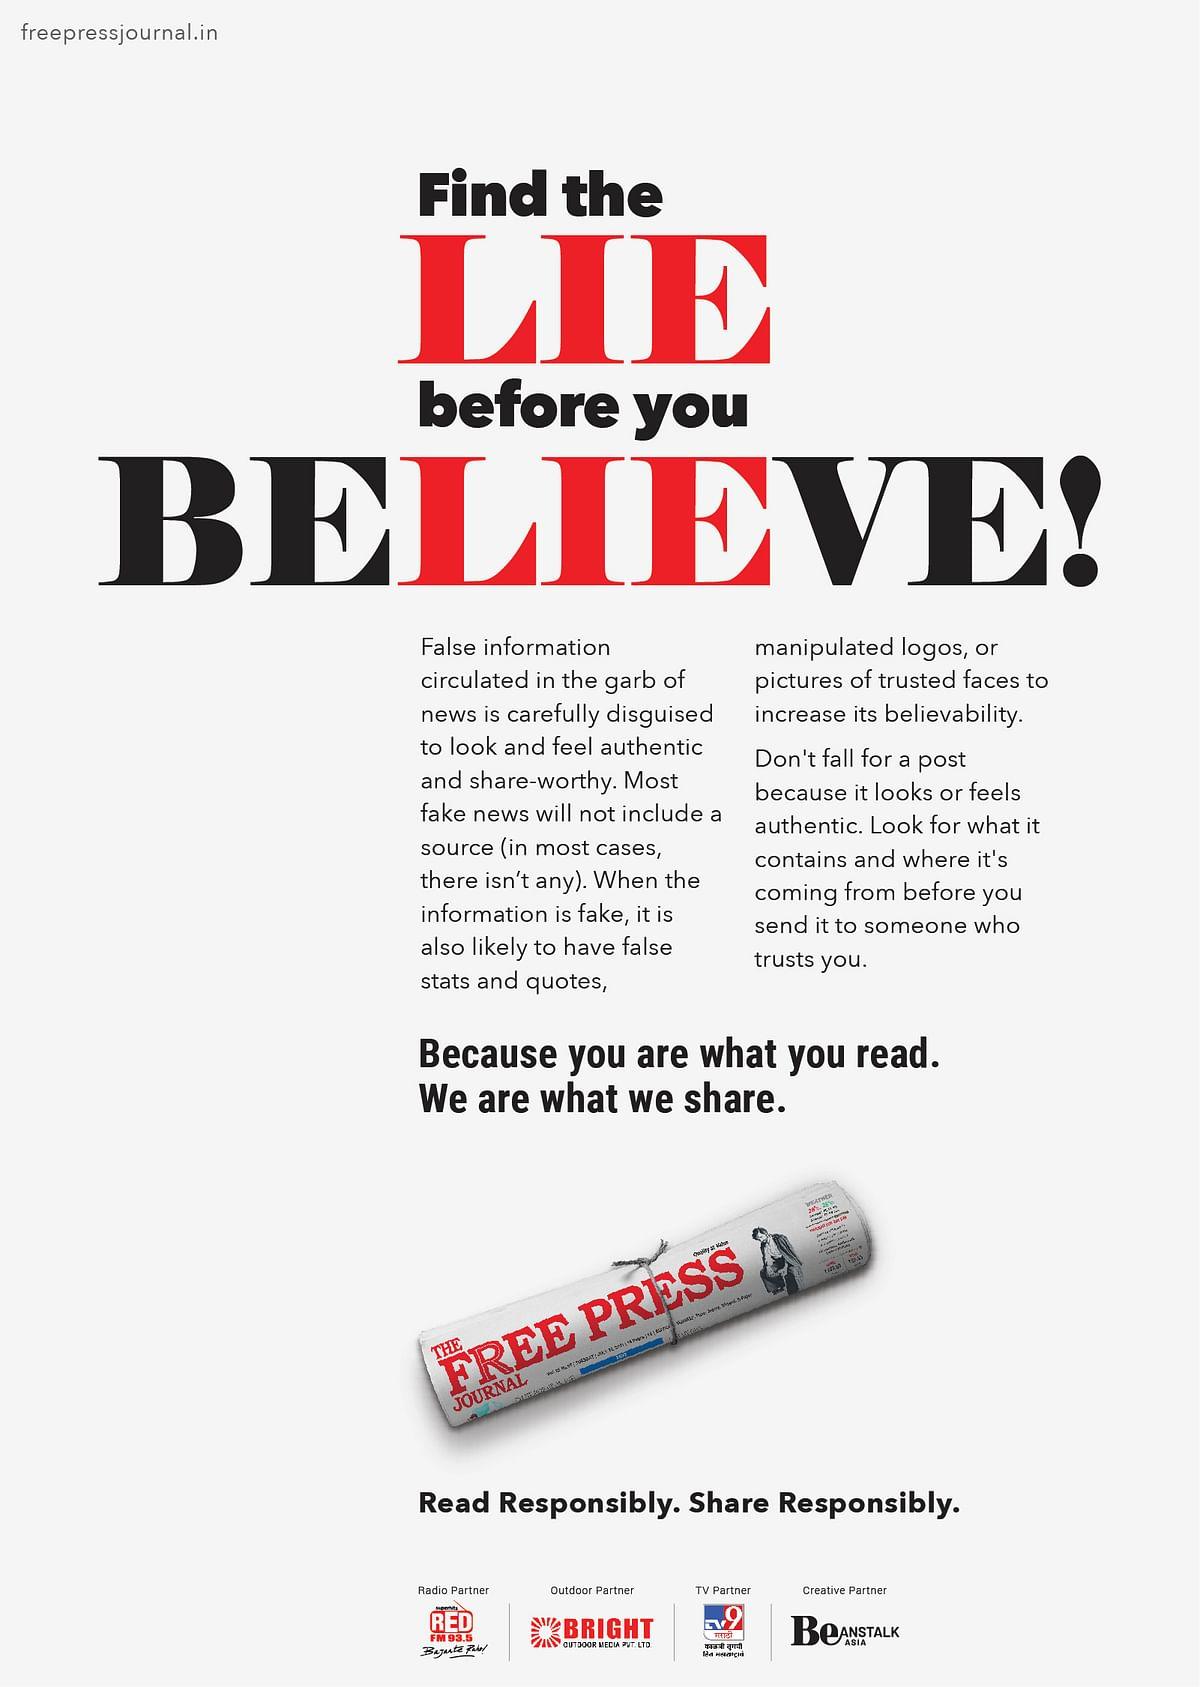 The Free Press Journal Takes on Fake News